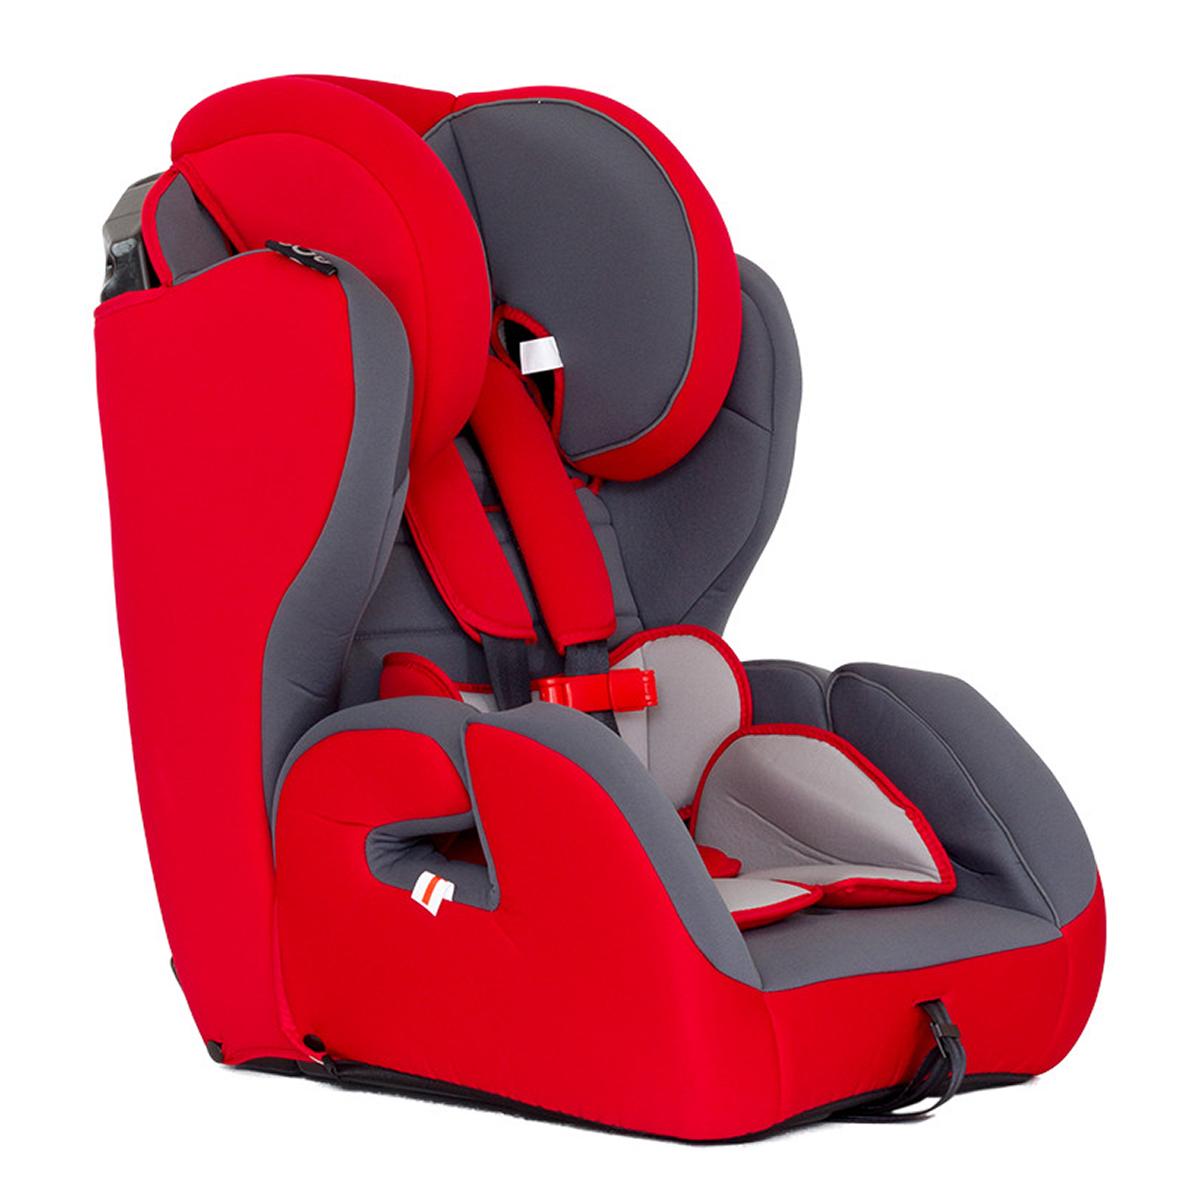 scaun auto copii bqs - minno red